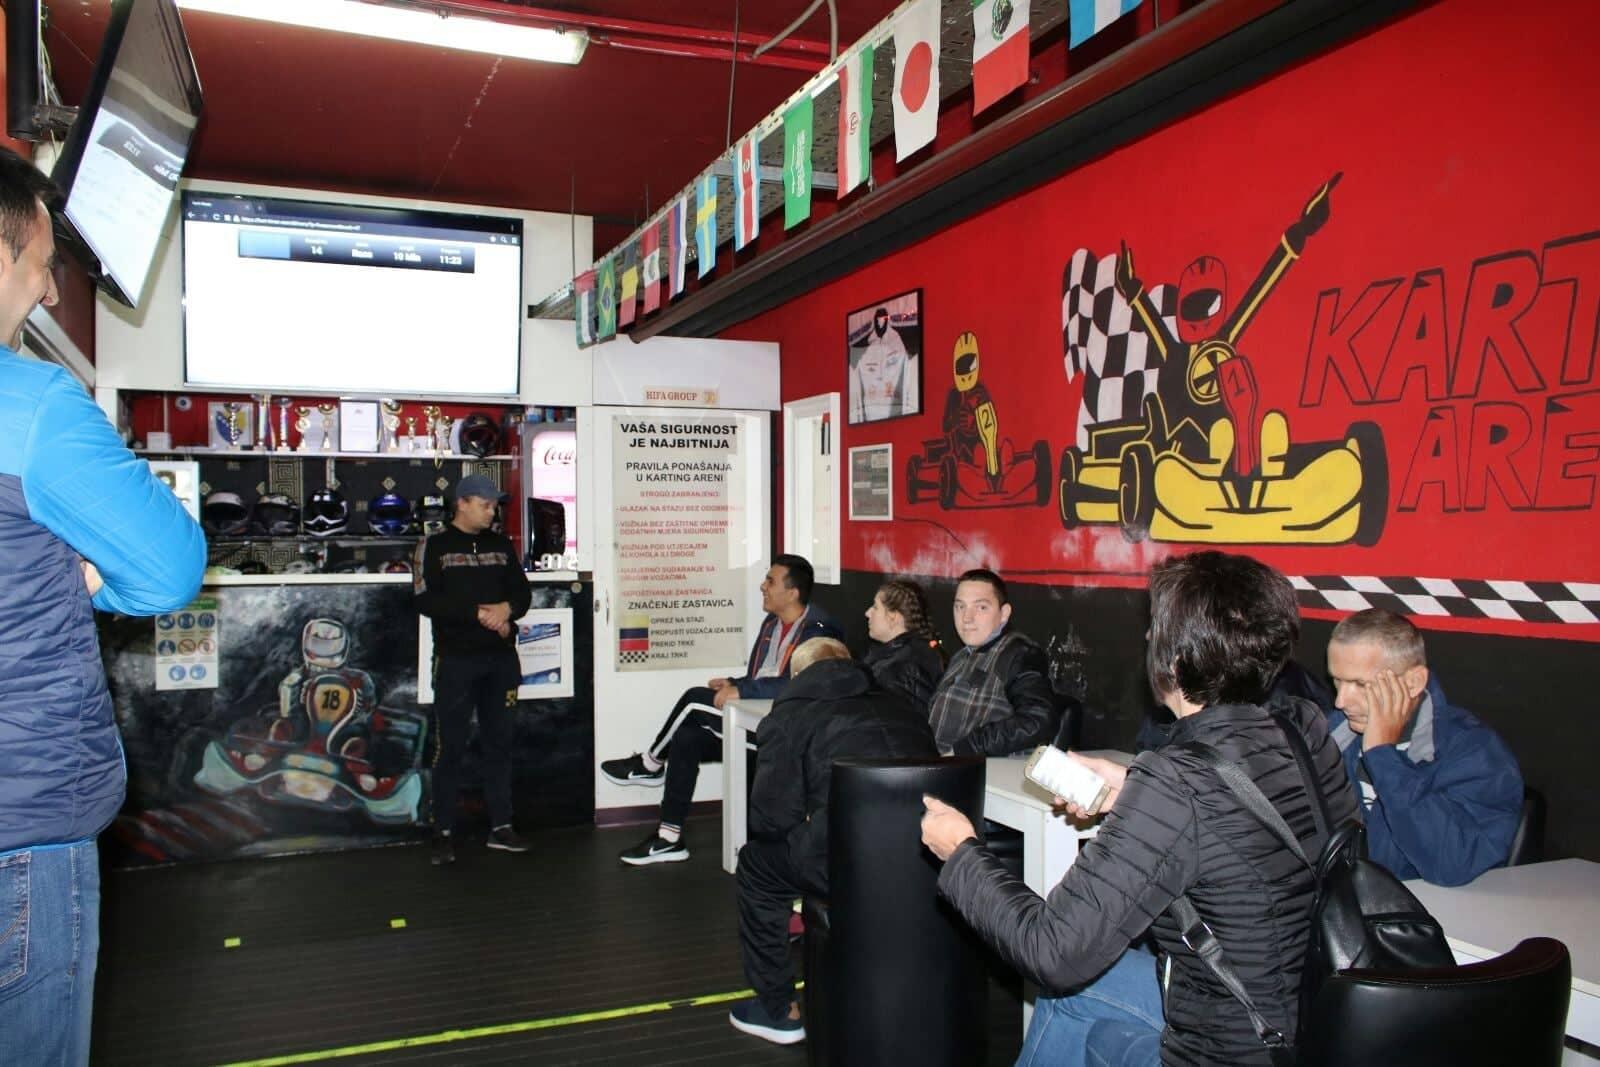 U proteklim danima smo realizirali odlaske na karting u Sarajevo u Karting Arena SpeedXtreme za ukupno 30 korisnika